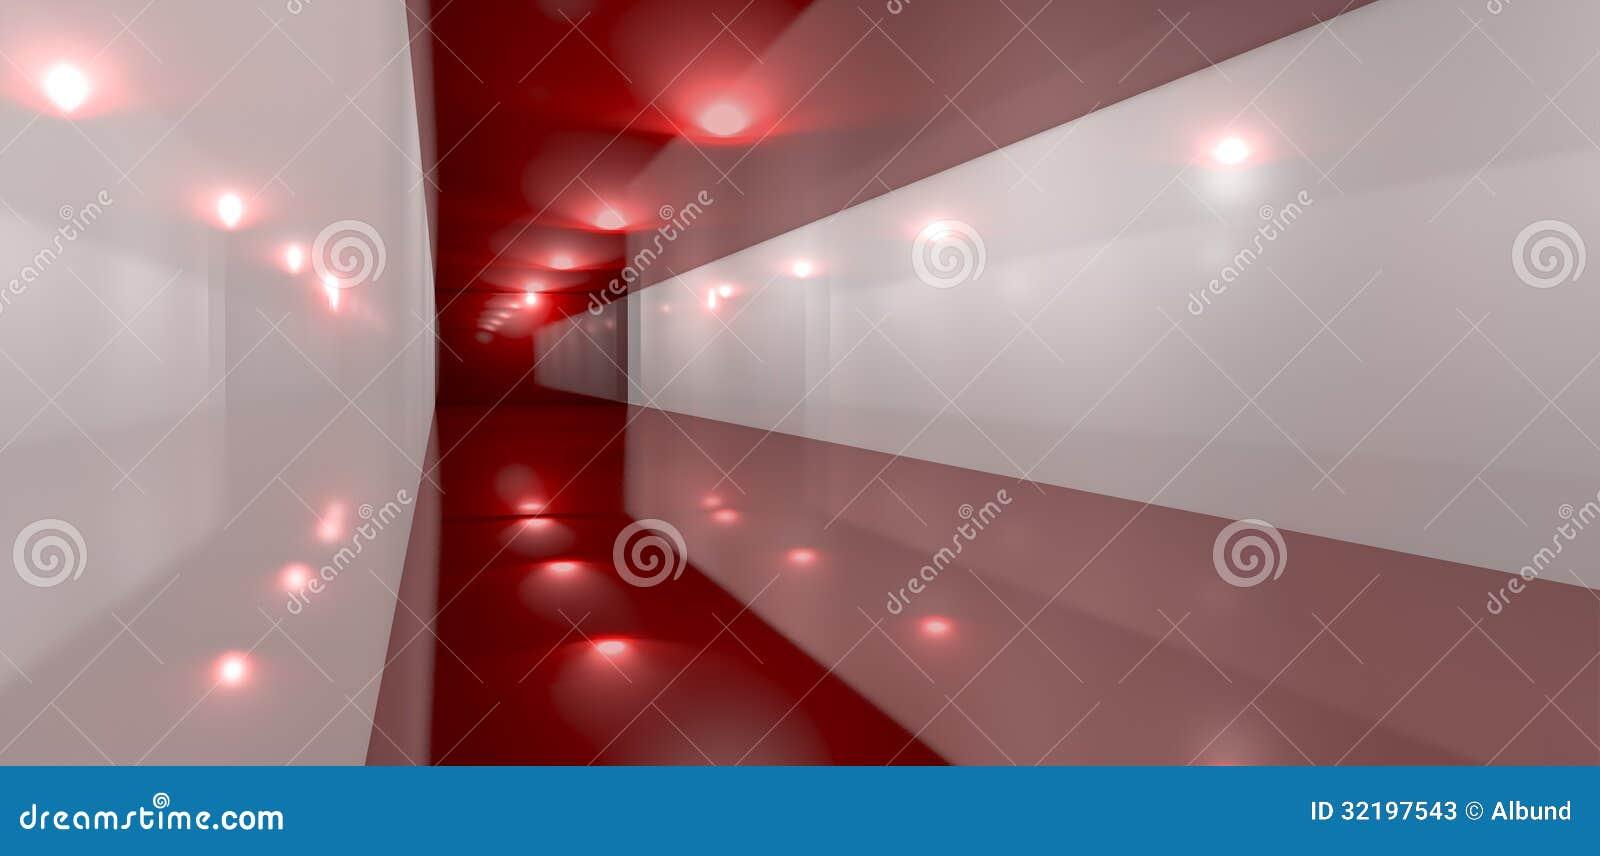 Pavimento Rosso Lucido : Lato rosso lucido di prospettiva della stanza illustrazione di stock